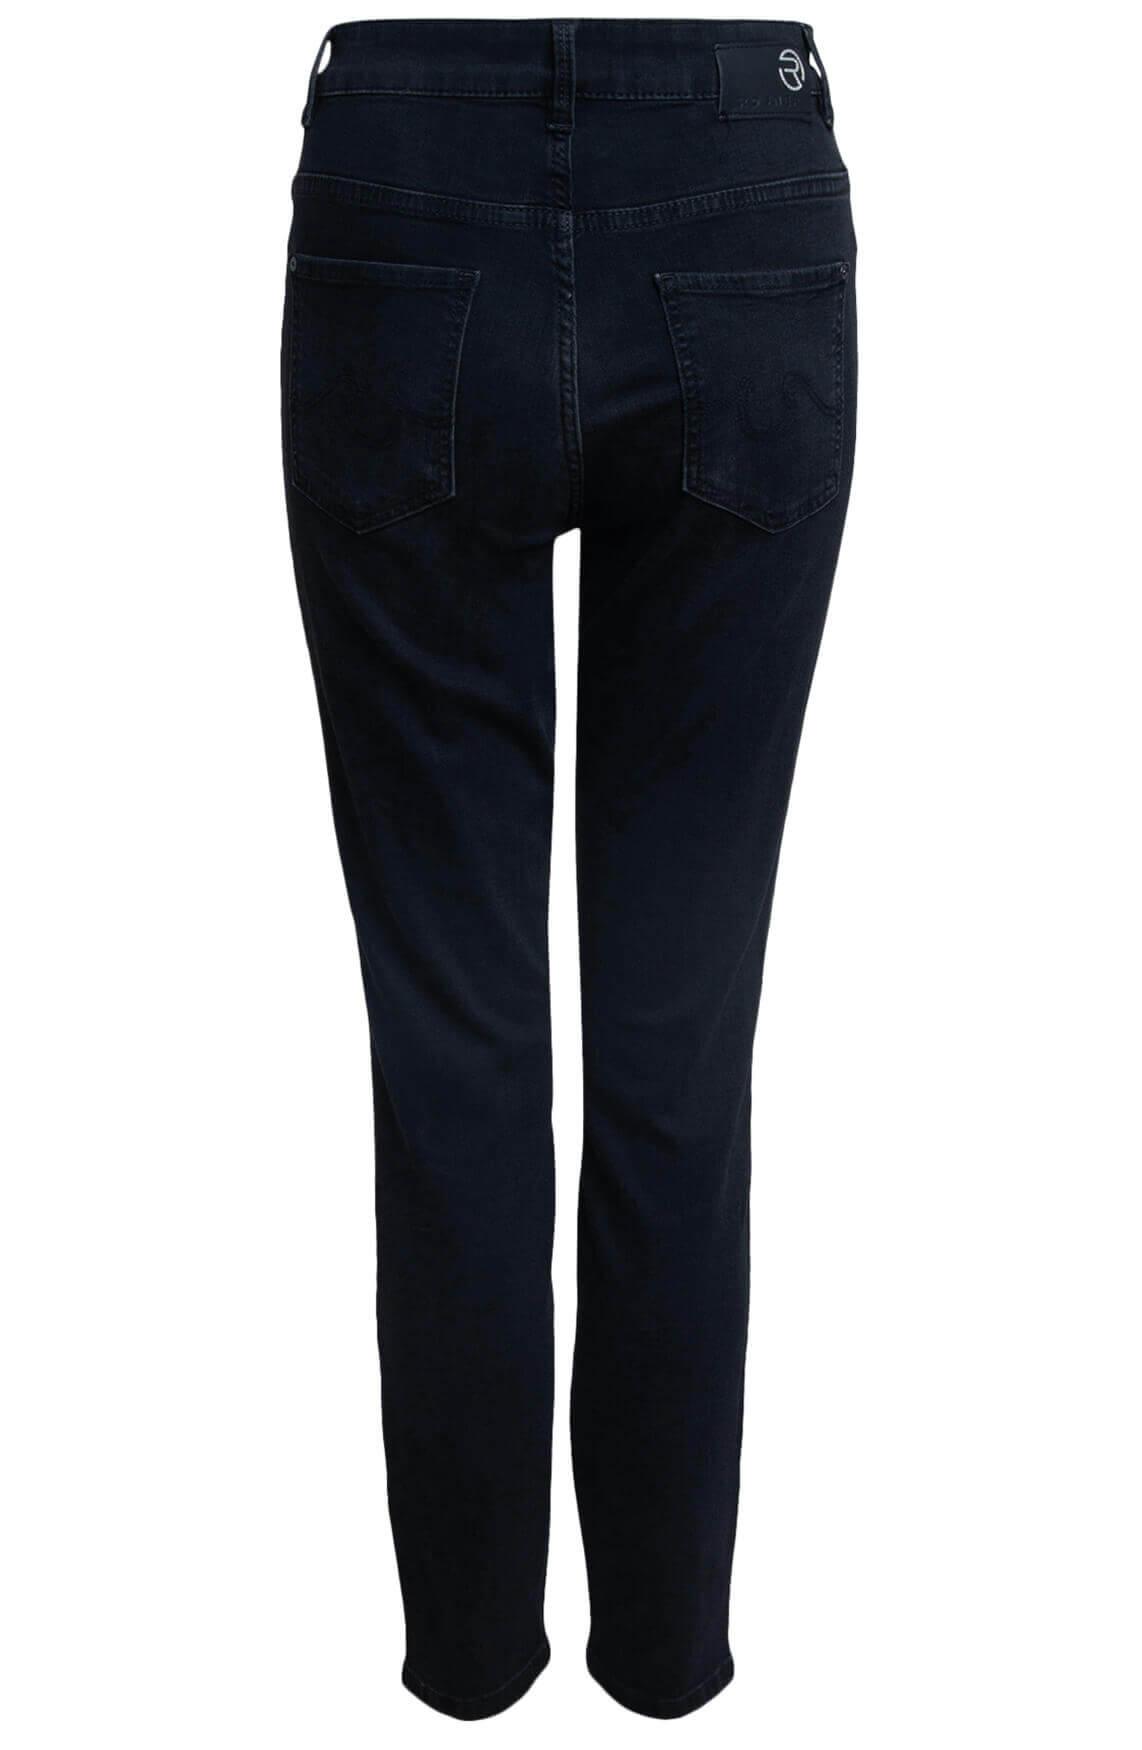 Rosner Dames L28 Audrey jeans met rits zwart